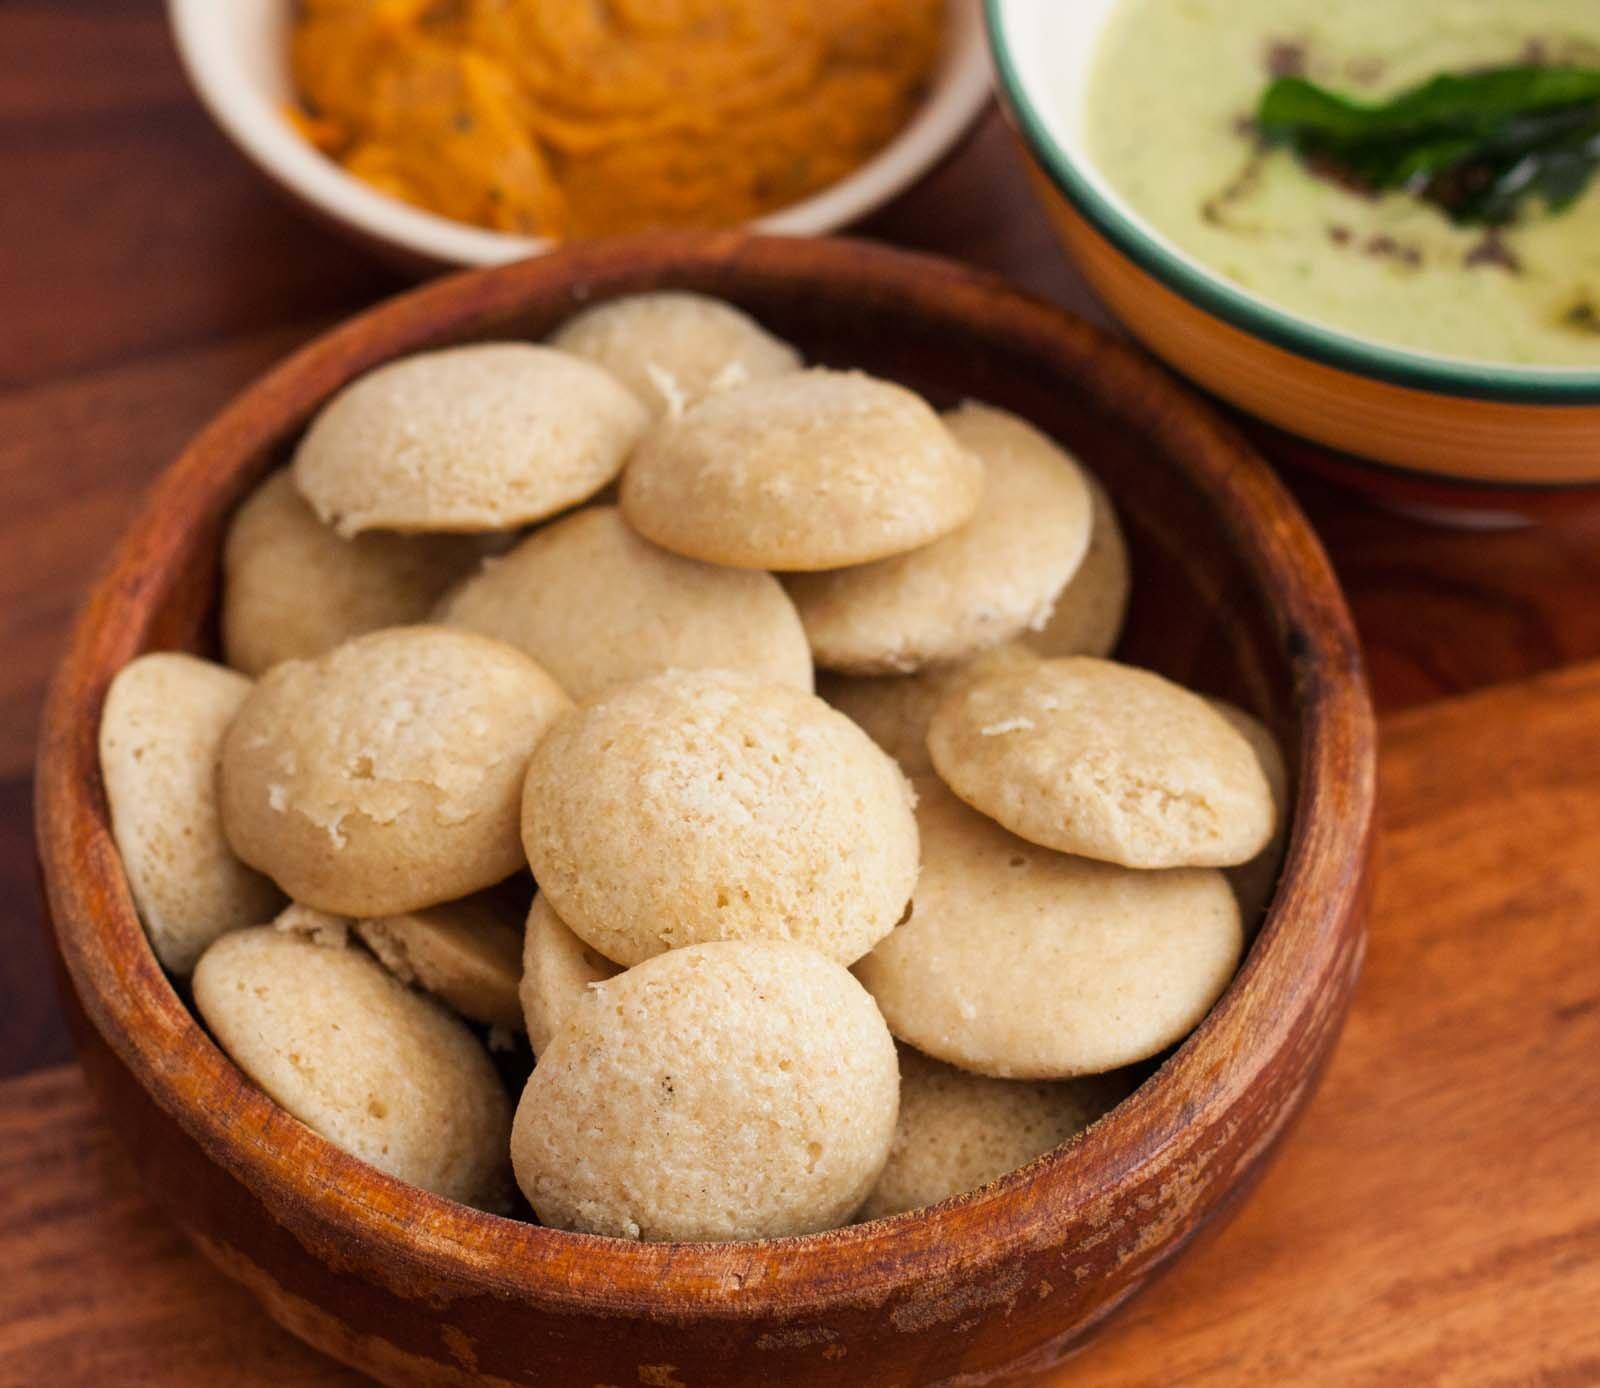 Foxtail millet idli recipe by archanas kitchen foxtail millet idli recipe healthy indian diabetic idli recipe forumfinder Images